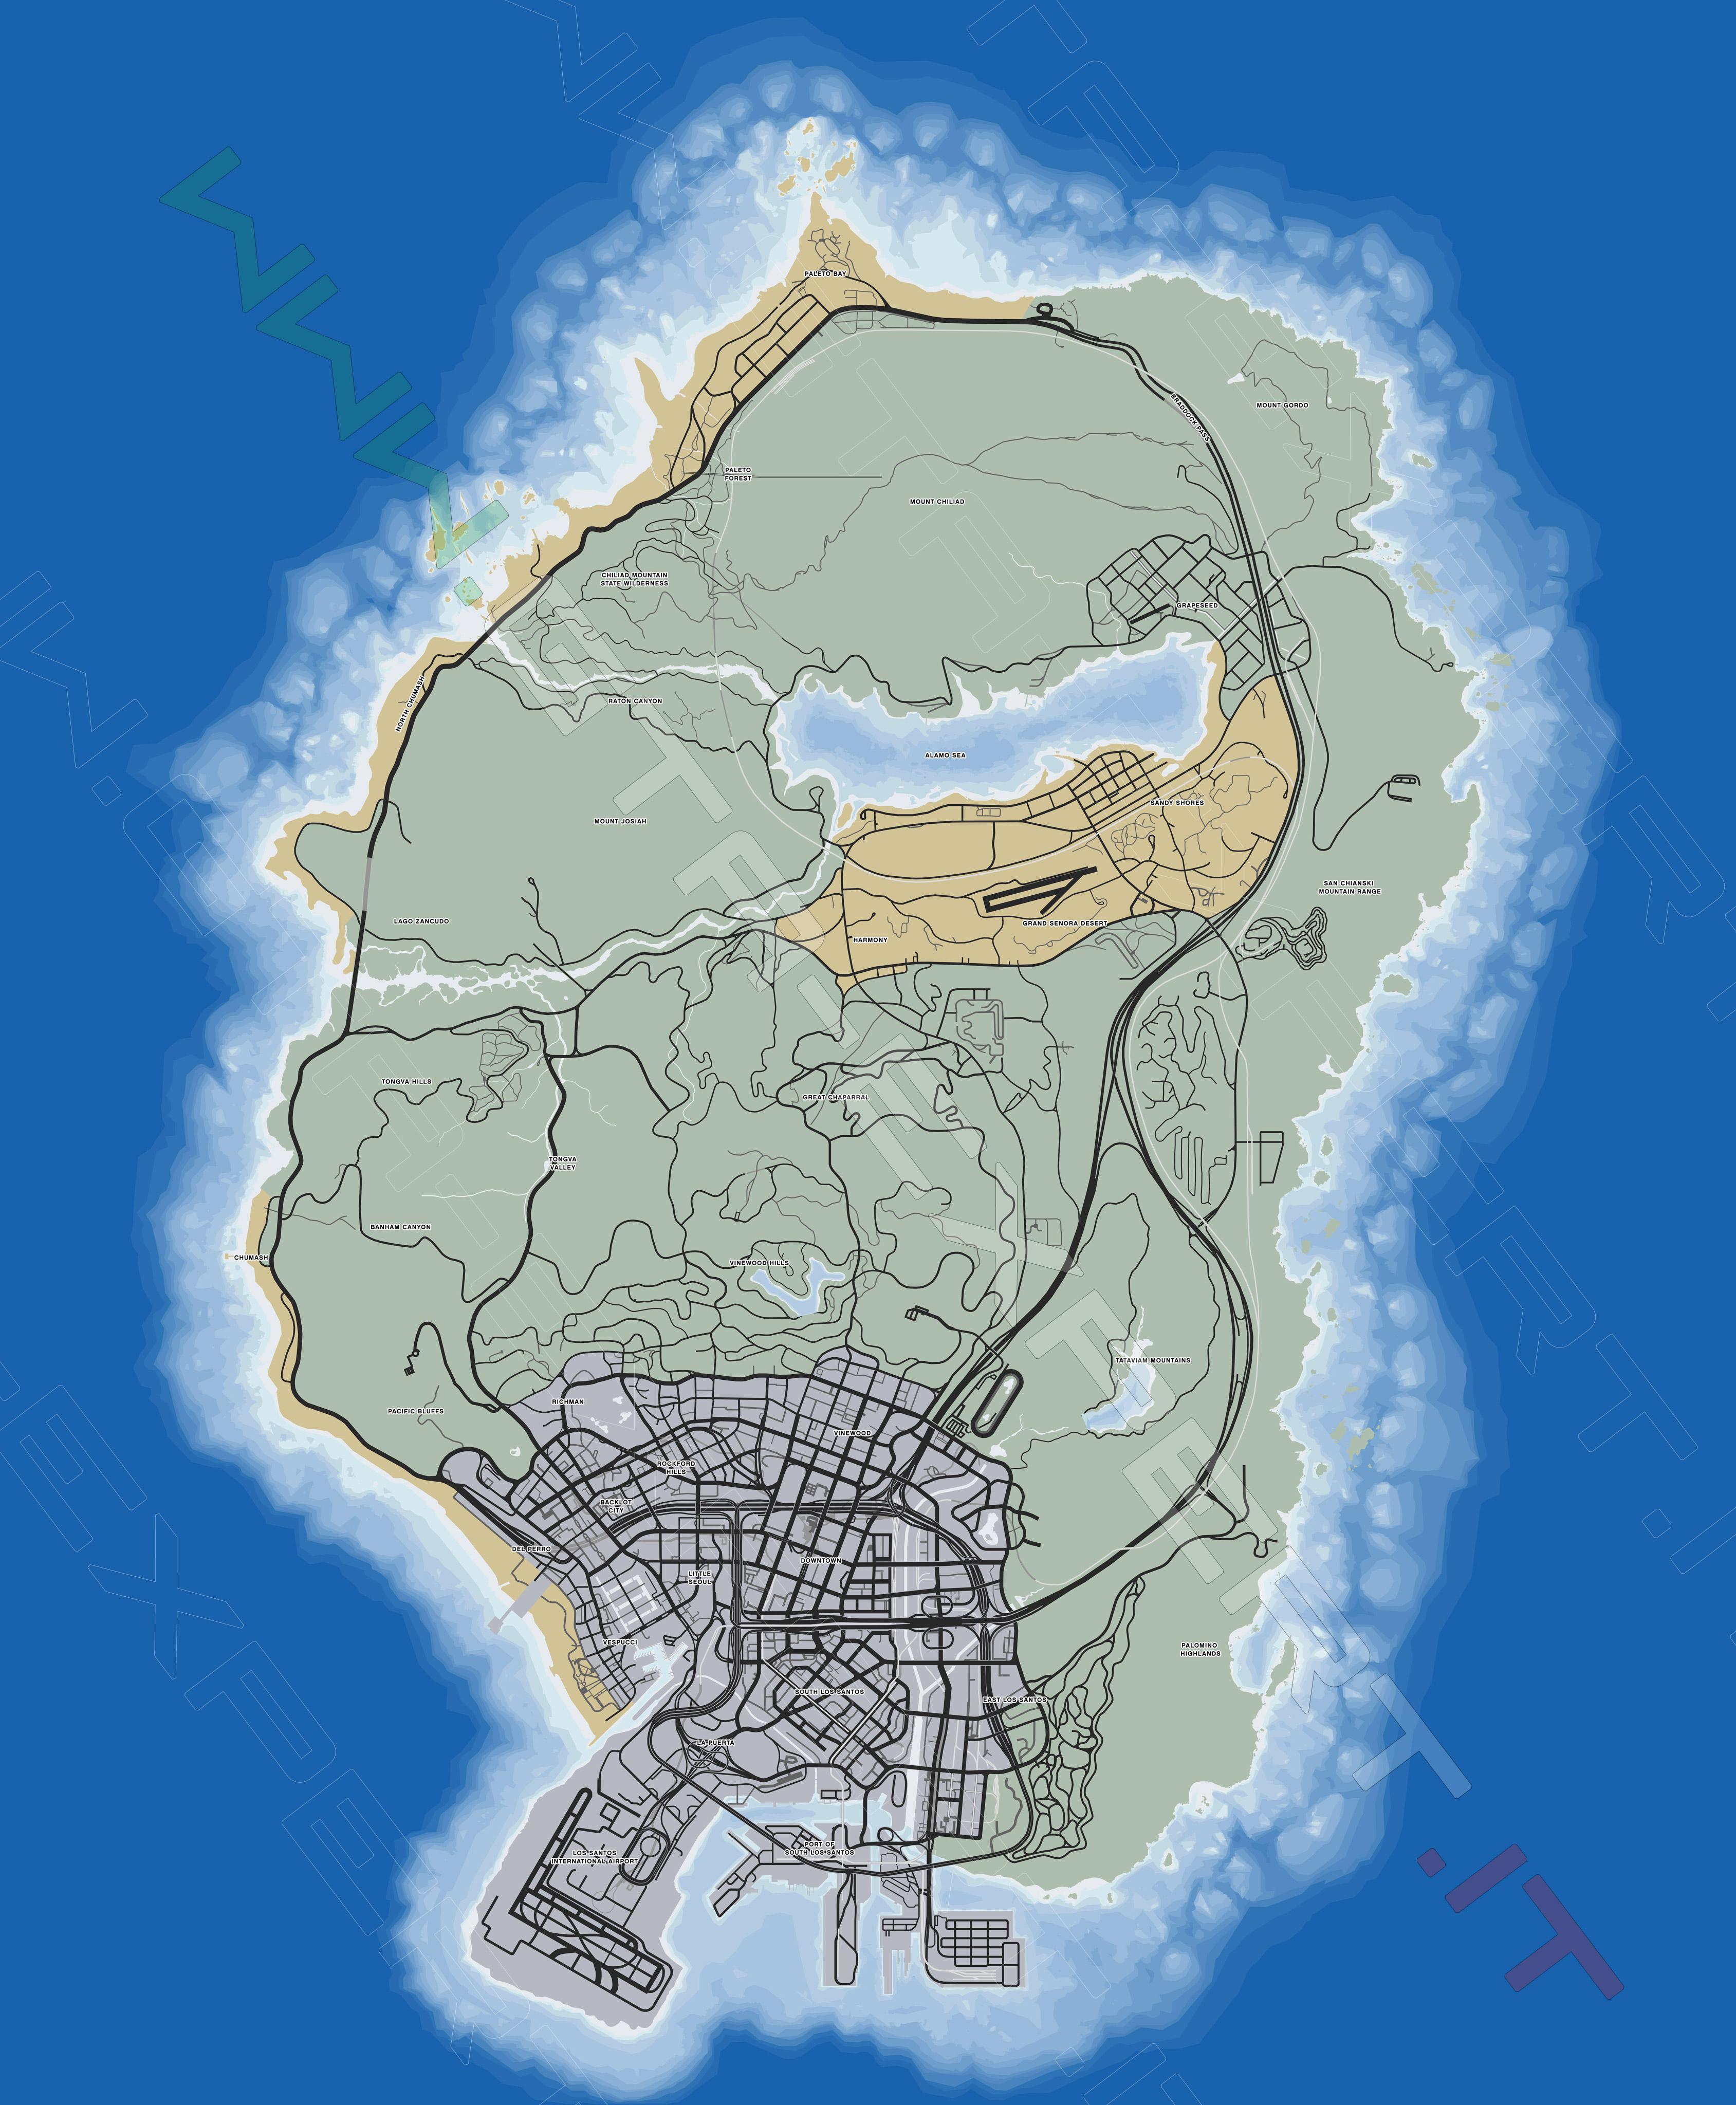 Gta V Elicottero Mappa : Mappe gta v expert